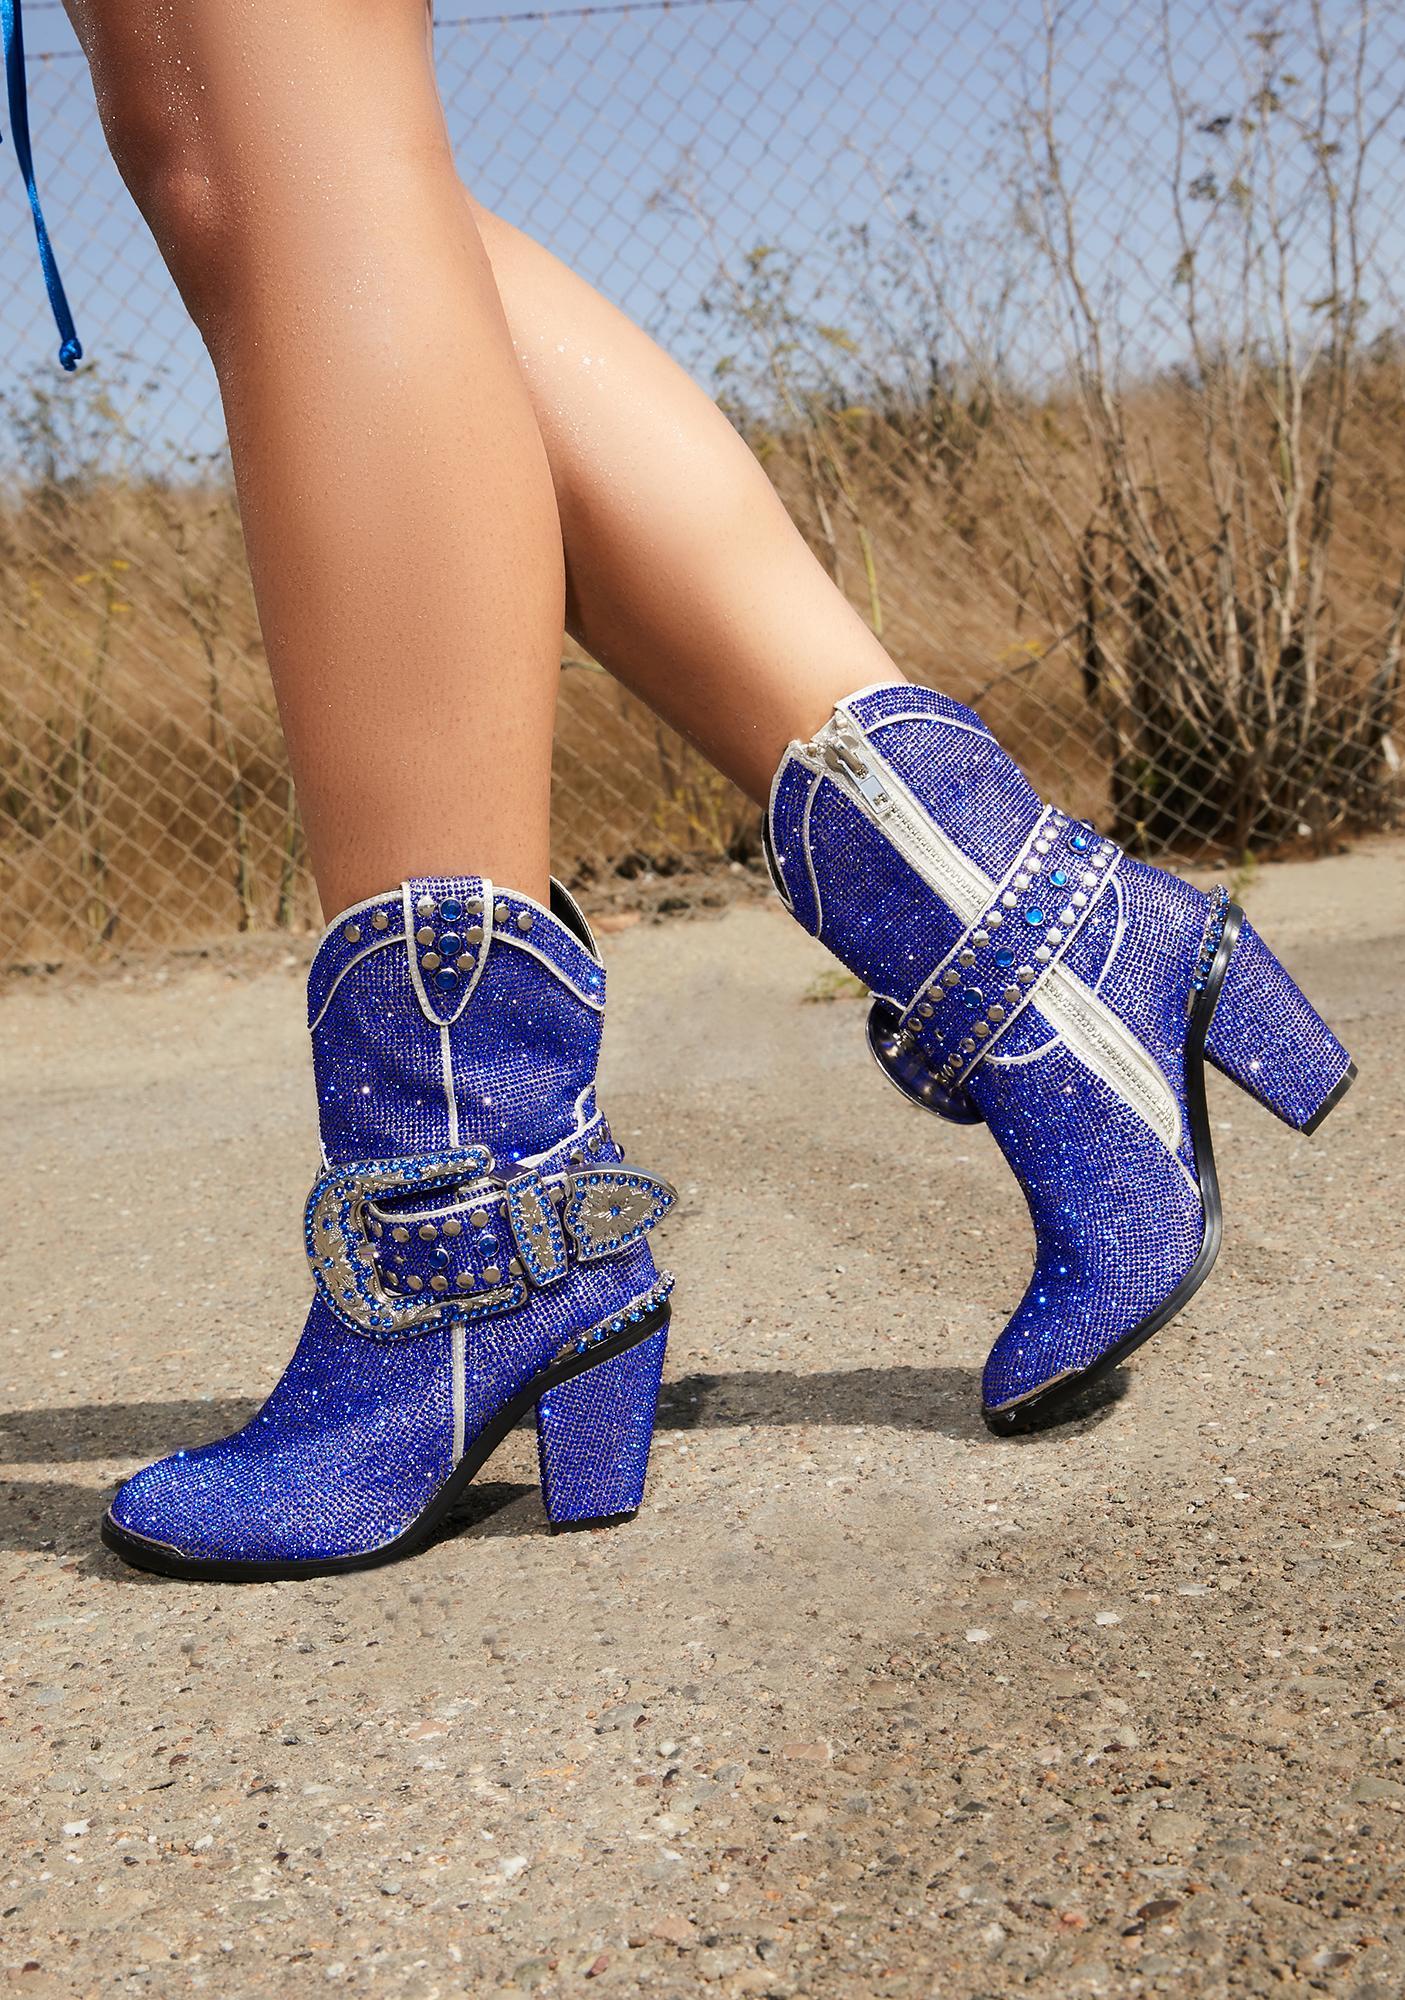 Club Exx Royal Sheriff Shine Cowboy Boots